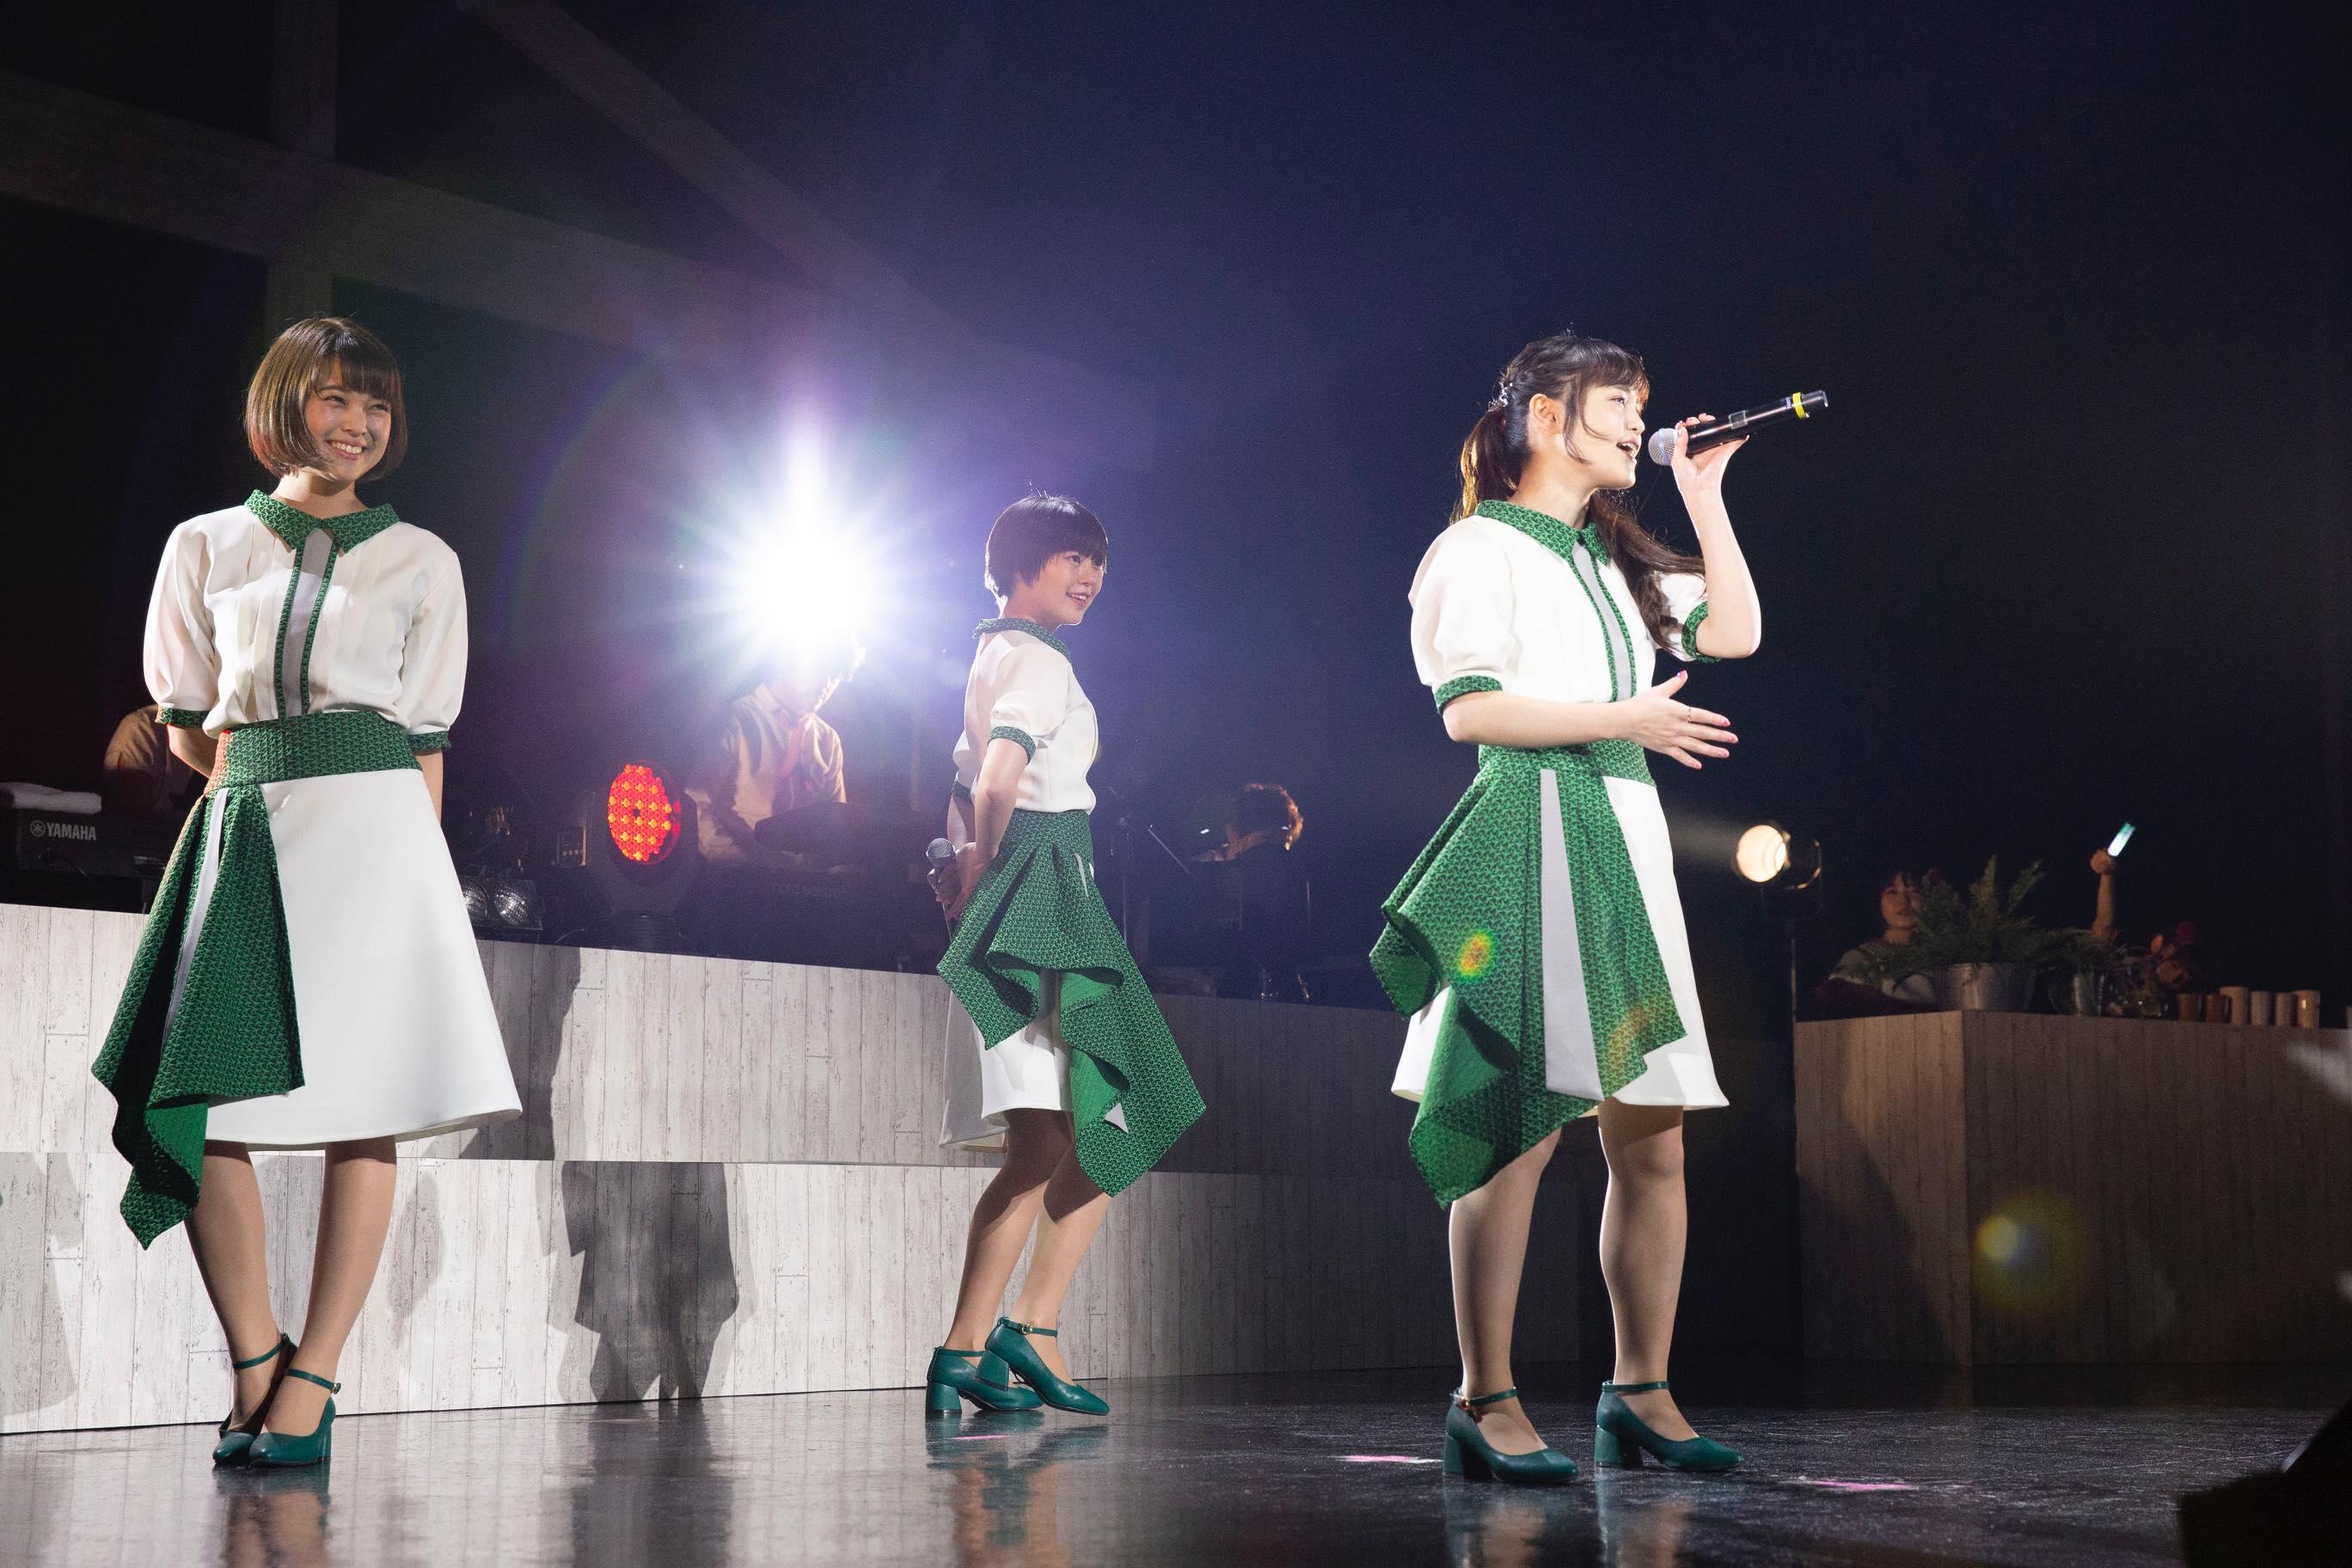 私立恵比寿中学・Negiccoの魅力がバンドで盛り盛り!「エビネギ2」レポート【写真9枚】の画像005